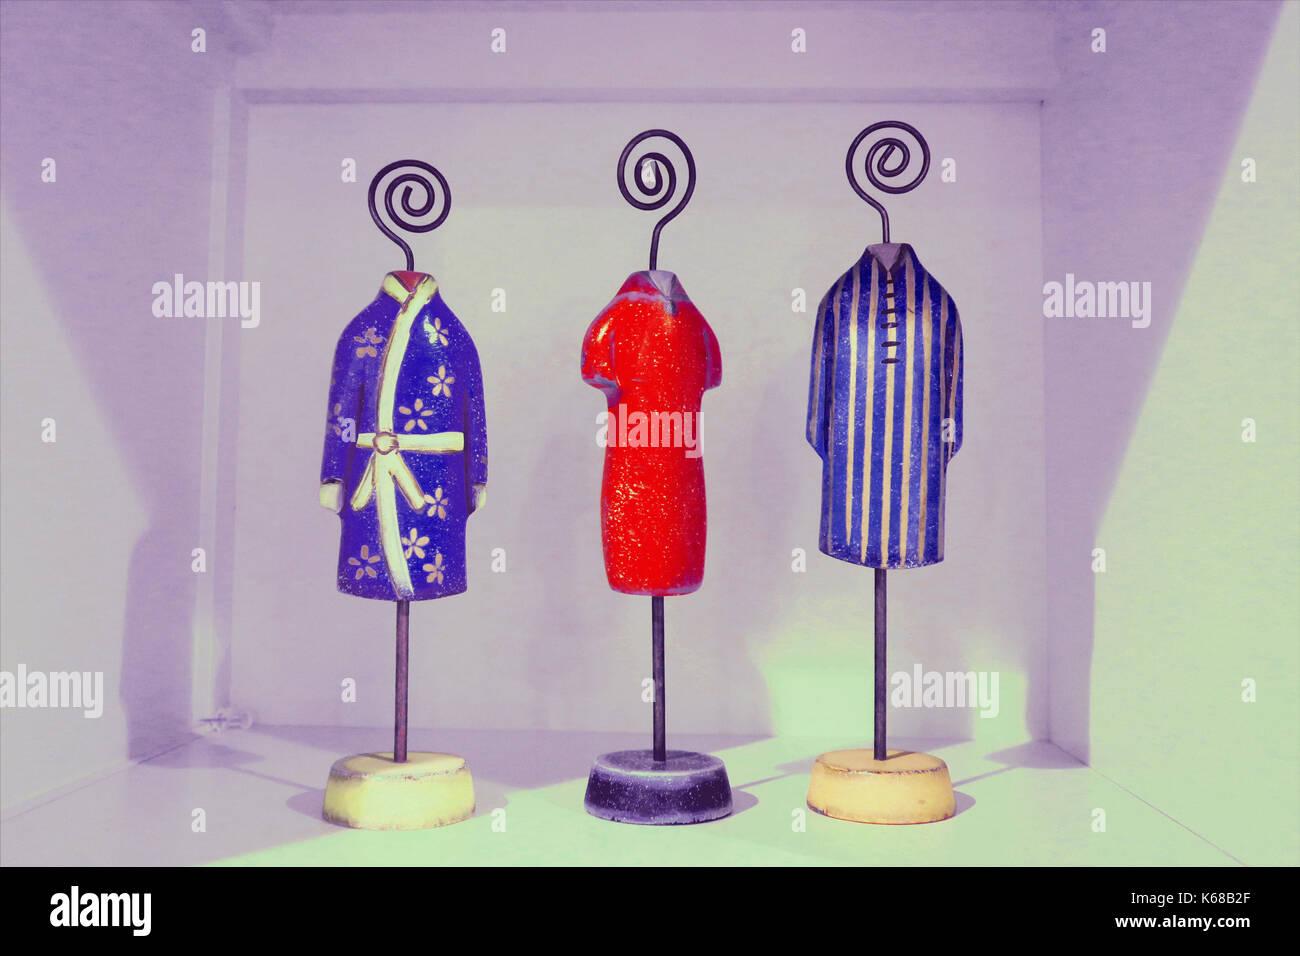 Tres soportes de tela decorativa en miniatura con una túnica y dos camisas. Foto de stock